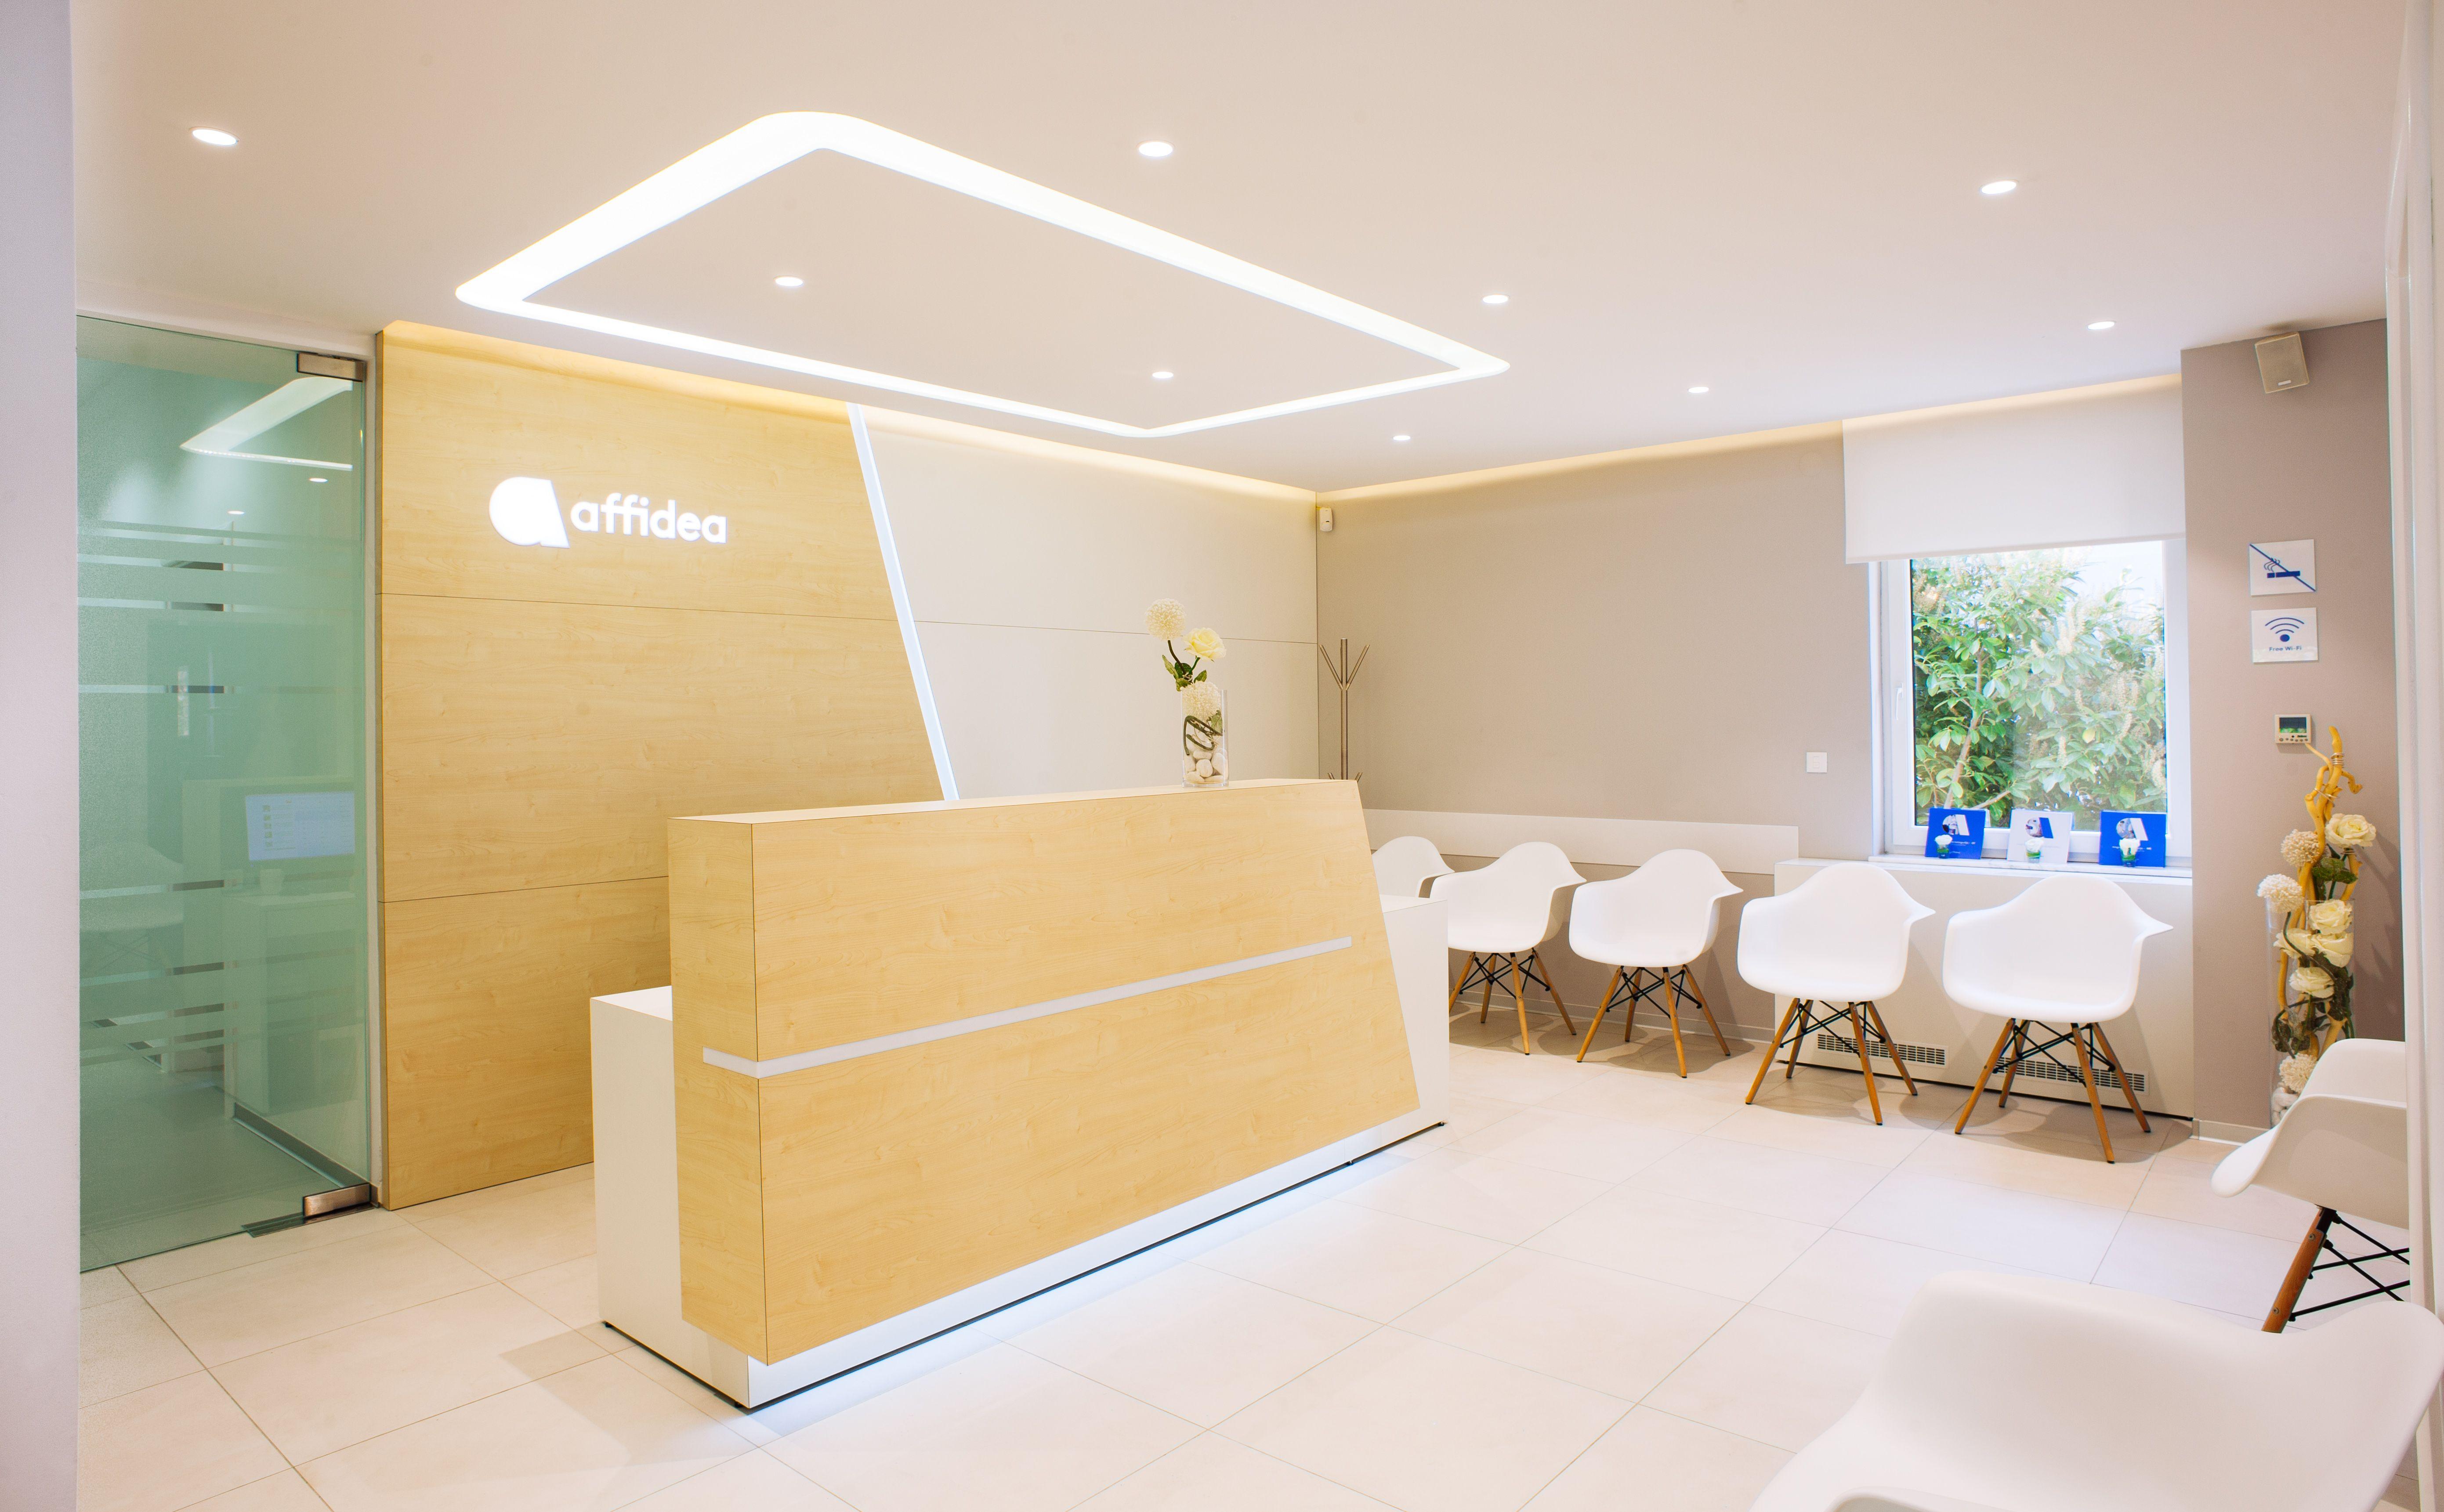 Affidea Croatia Zagreb Www Affidea Hr Medical Office Interior Office Interiors Interior